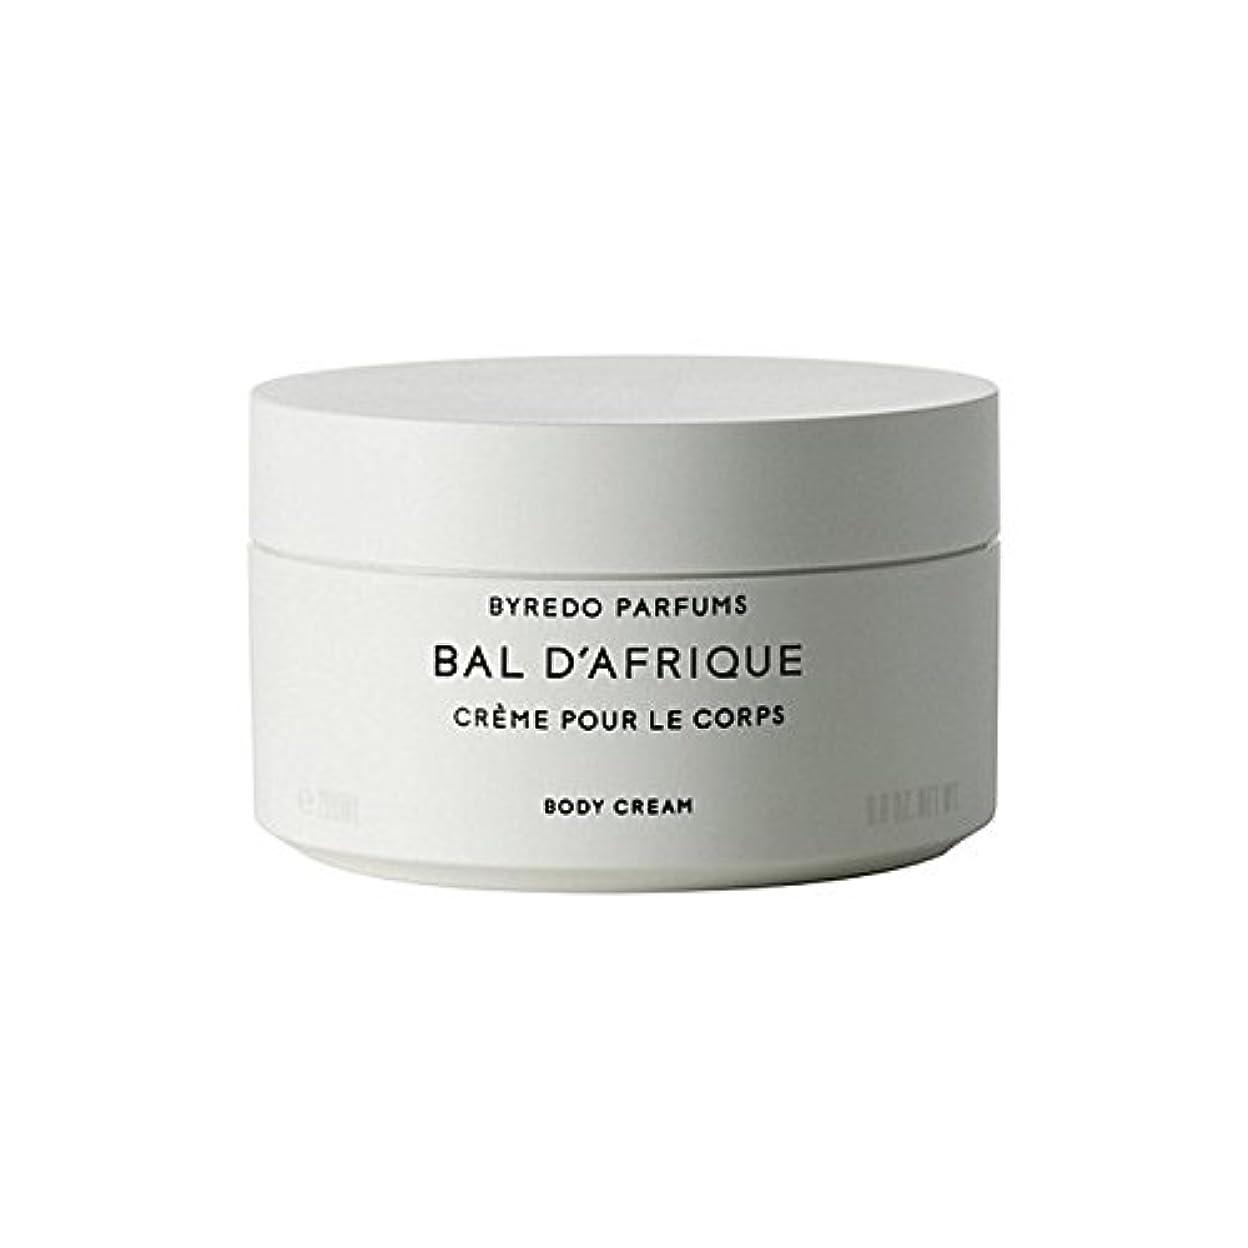 世論調査操作可能同封するByredo Bal D'Afrique Body Cream 200ml - 'のボディクリーム200ミリリットル [並行輸入品]